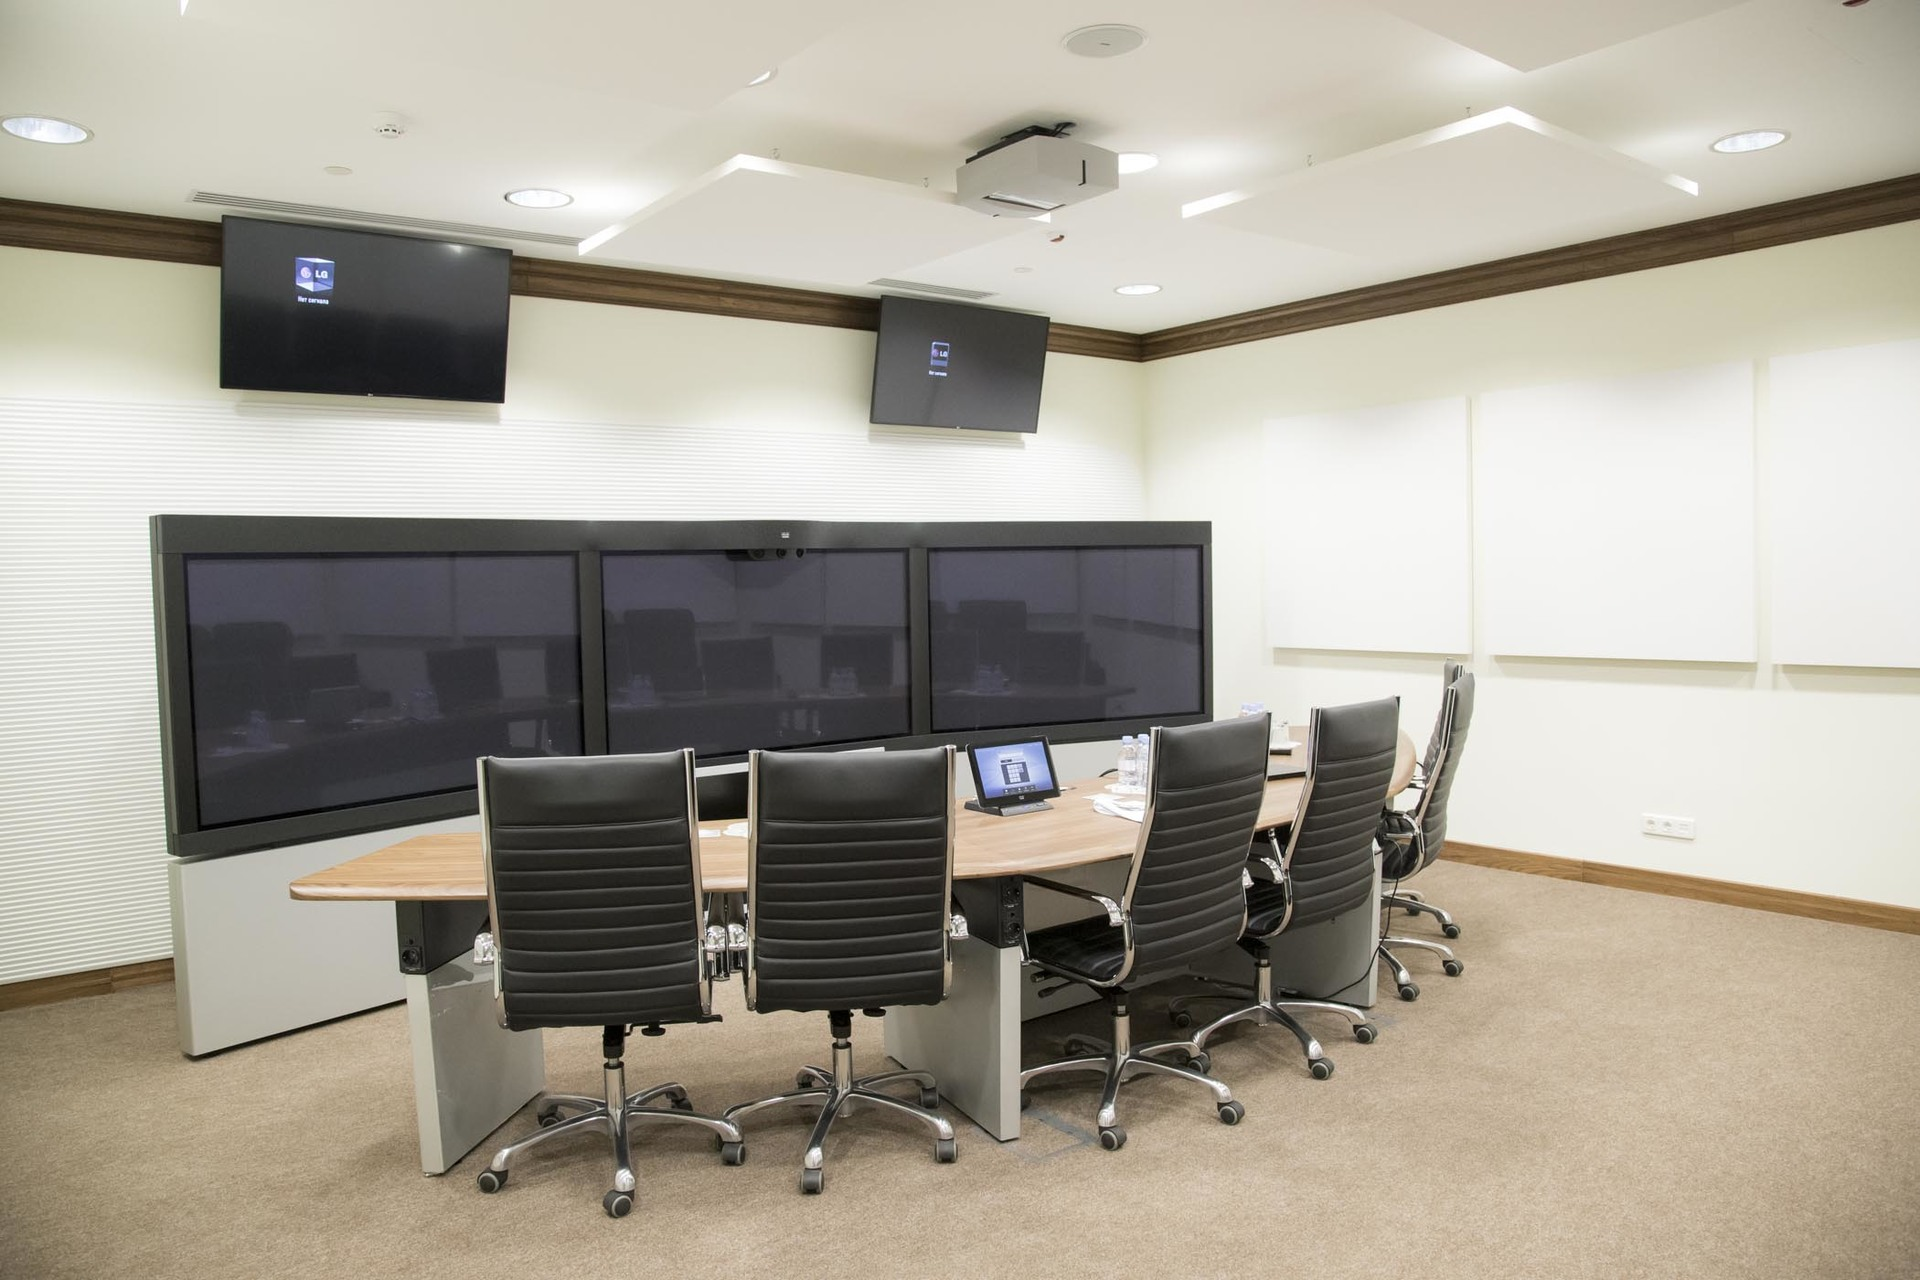 Видеоконференцсвязь для одной государственной организации: почему нужны аппаратные решения